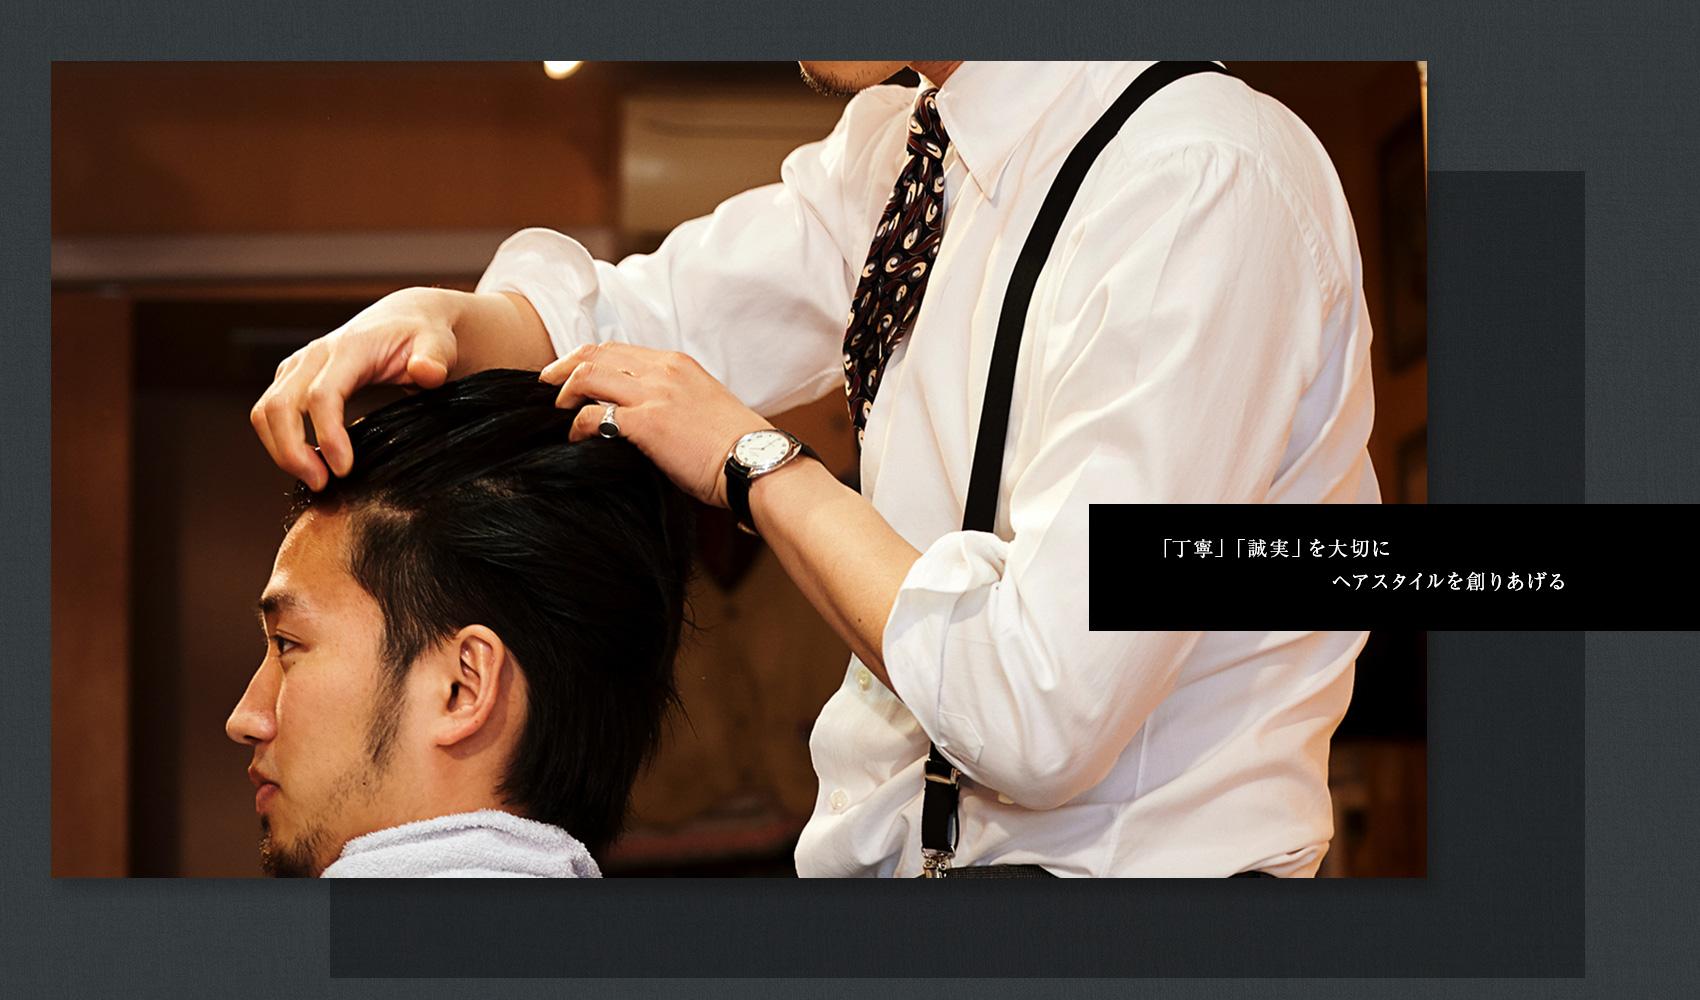 「丁寧」「誠実」を大切にヘアスタイルを創りあげる